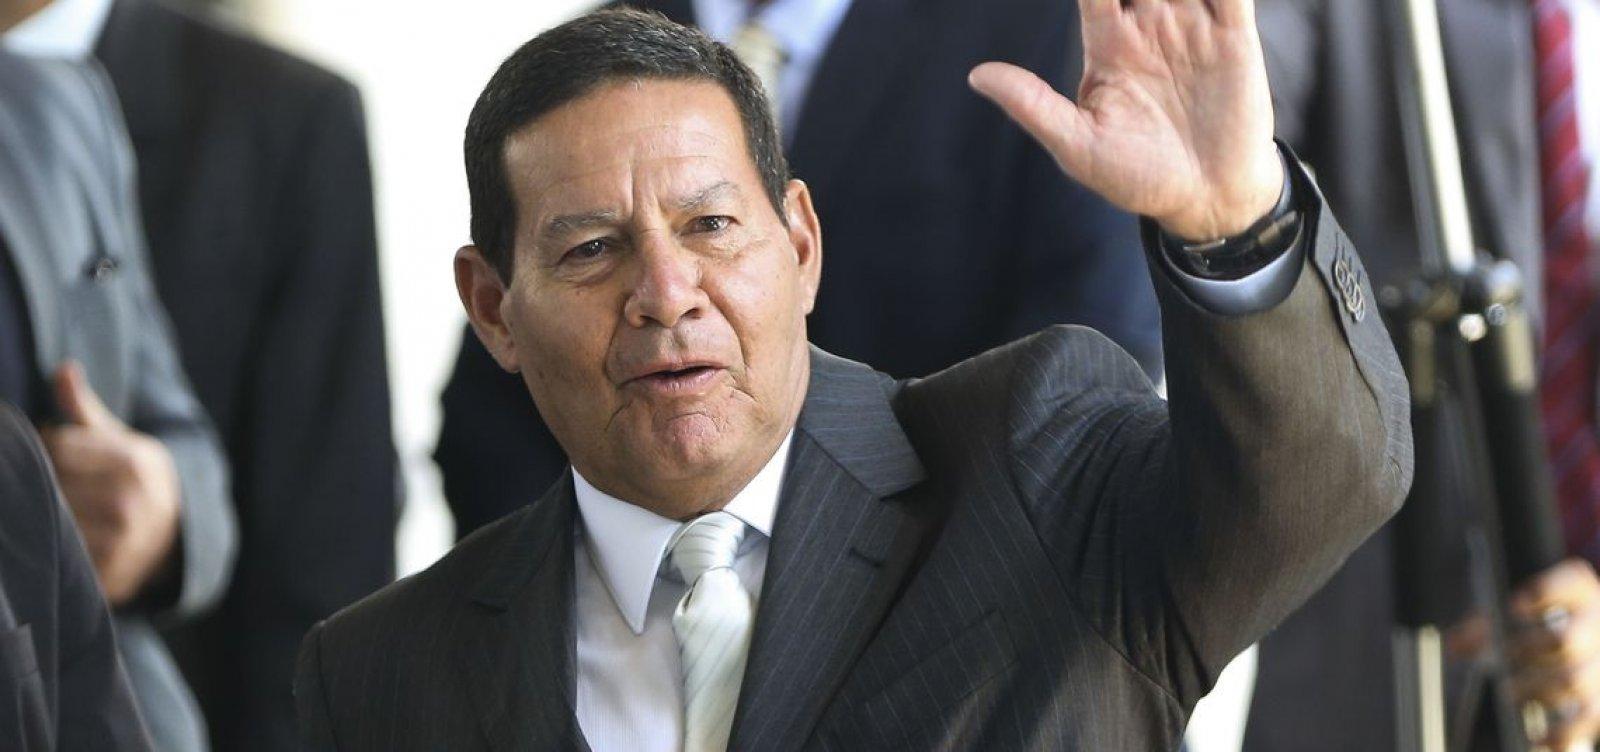 ['Se Bolsonaro não me quer, é só me dizer', diz Mourão a familiares]